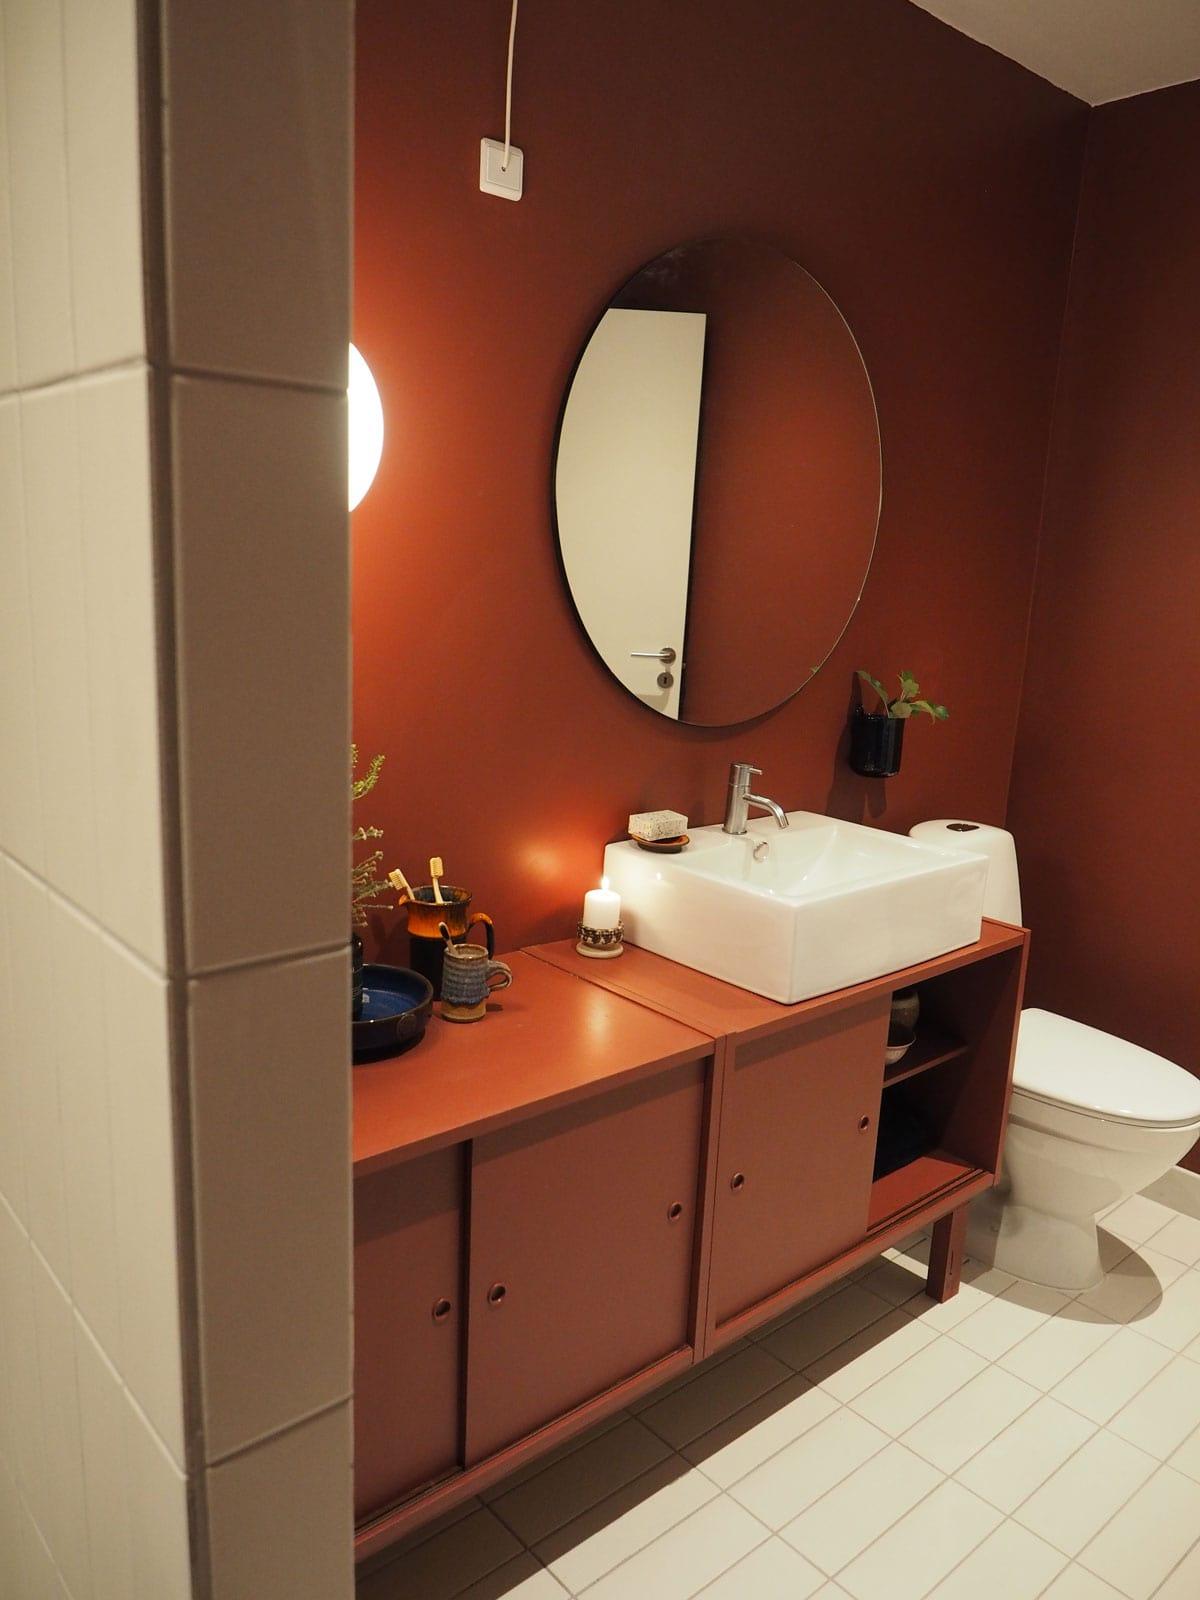 Dansk-japansk badmøbel med vask